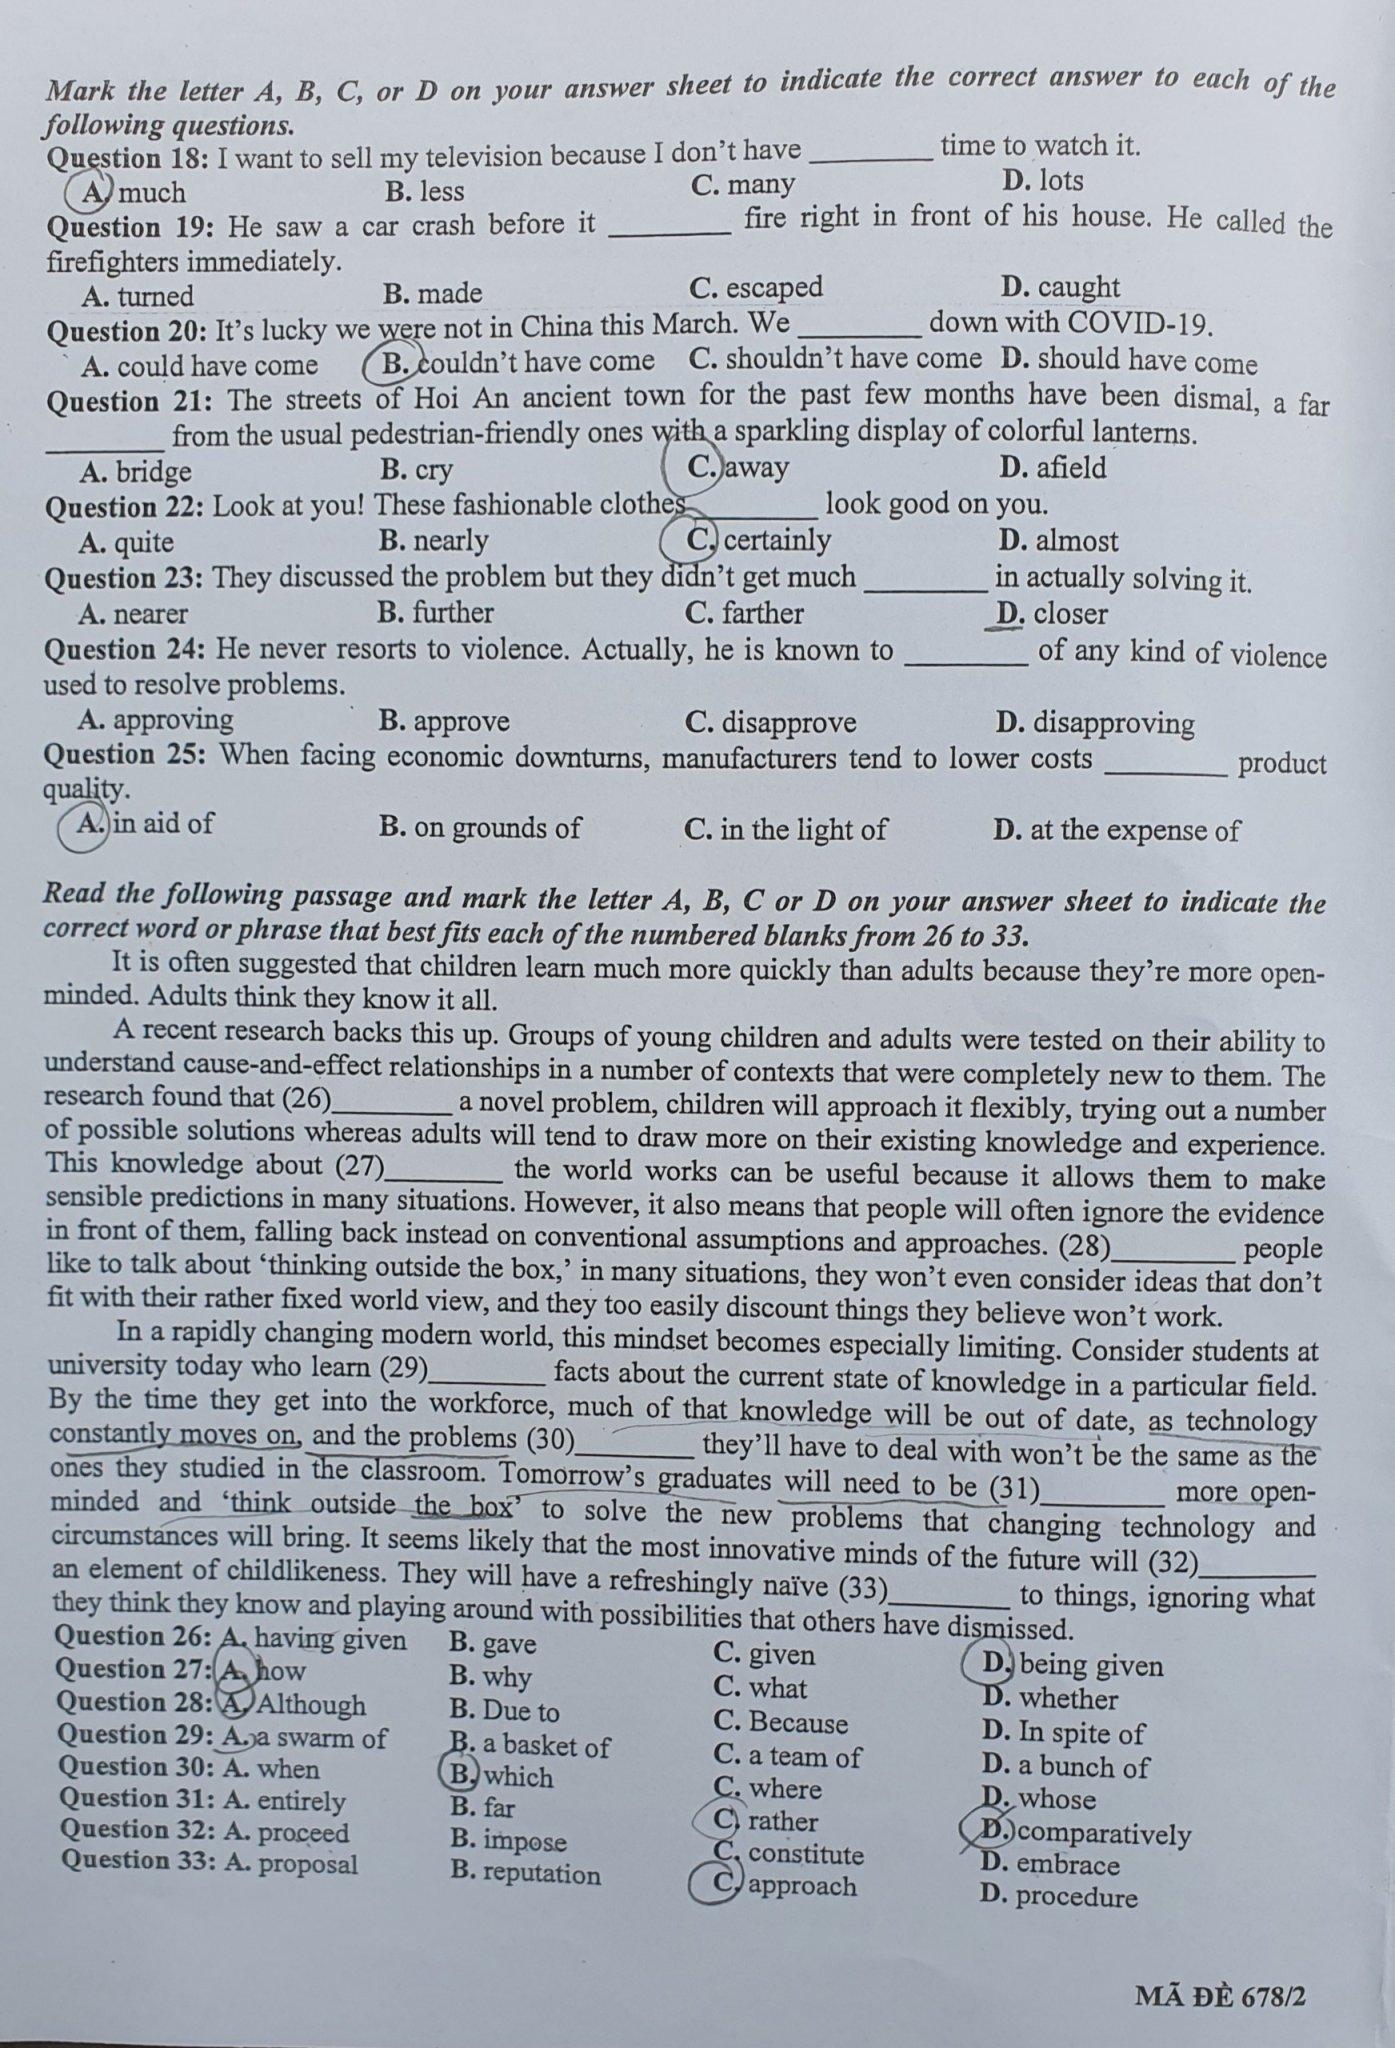 Đề thi Tiếng Anh vào lớp 10 Chuyên Khoa học Xã hội và Nhân văn